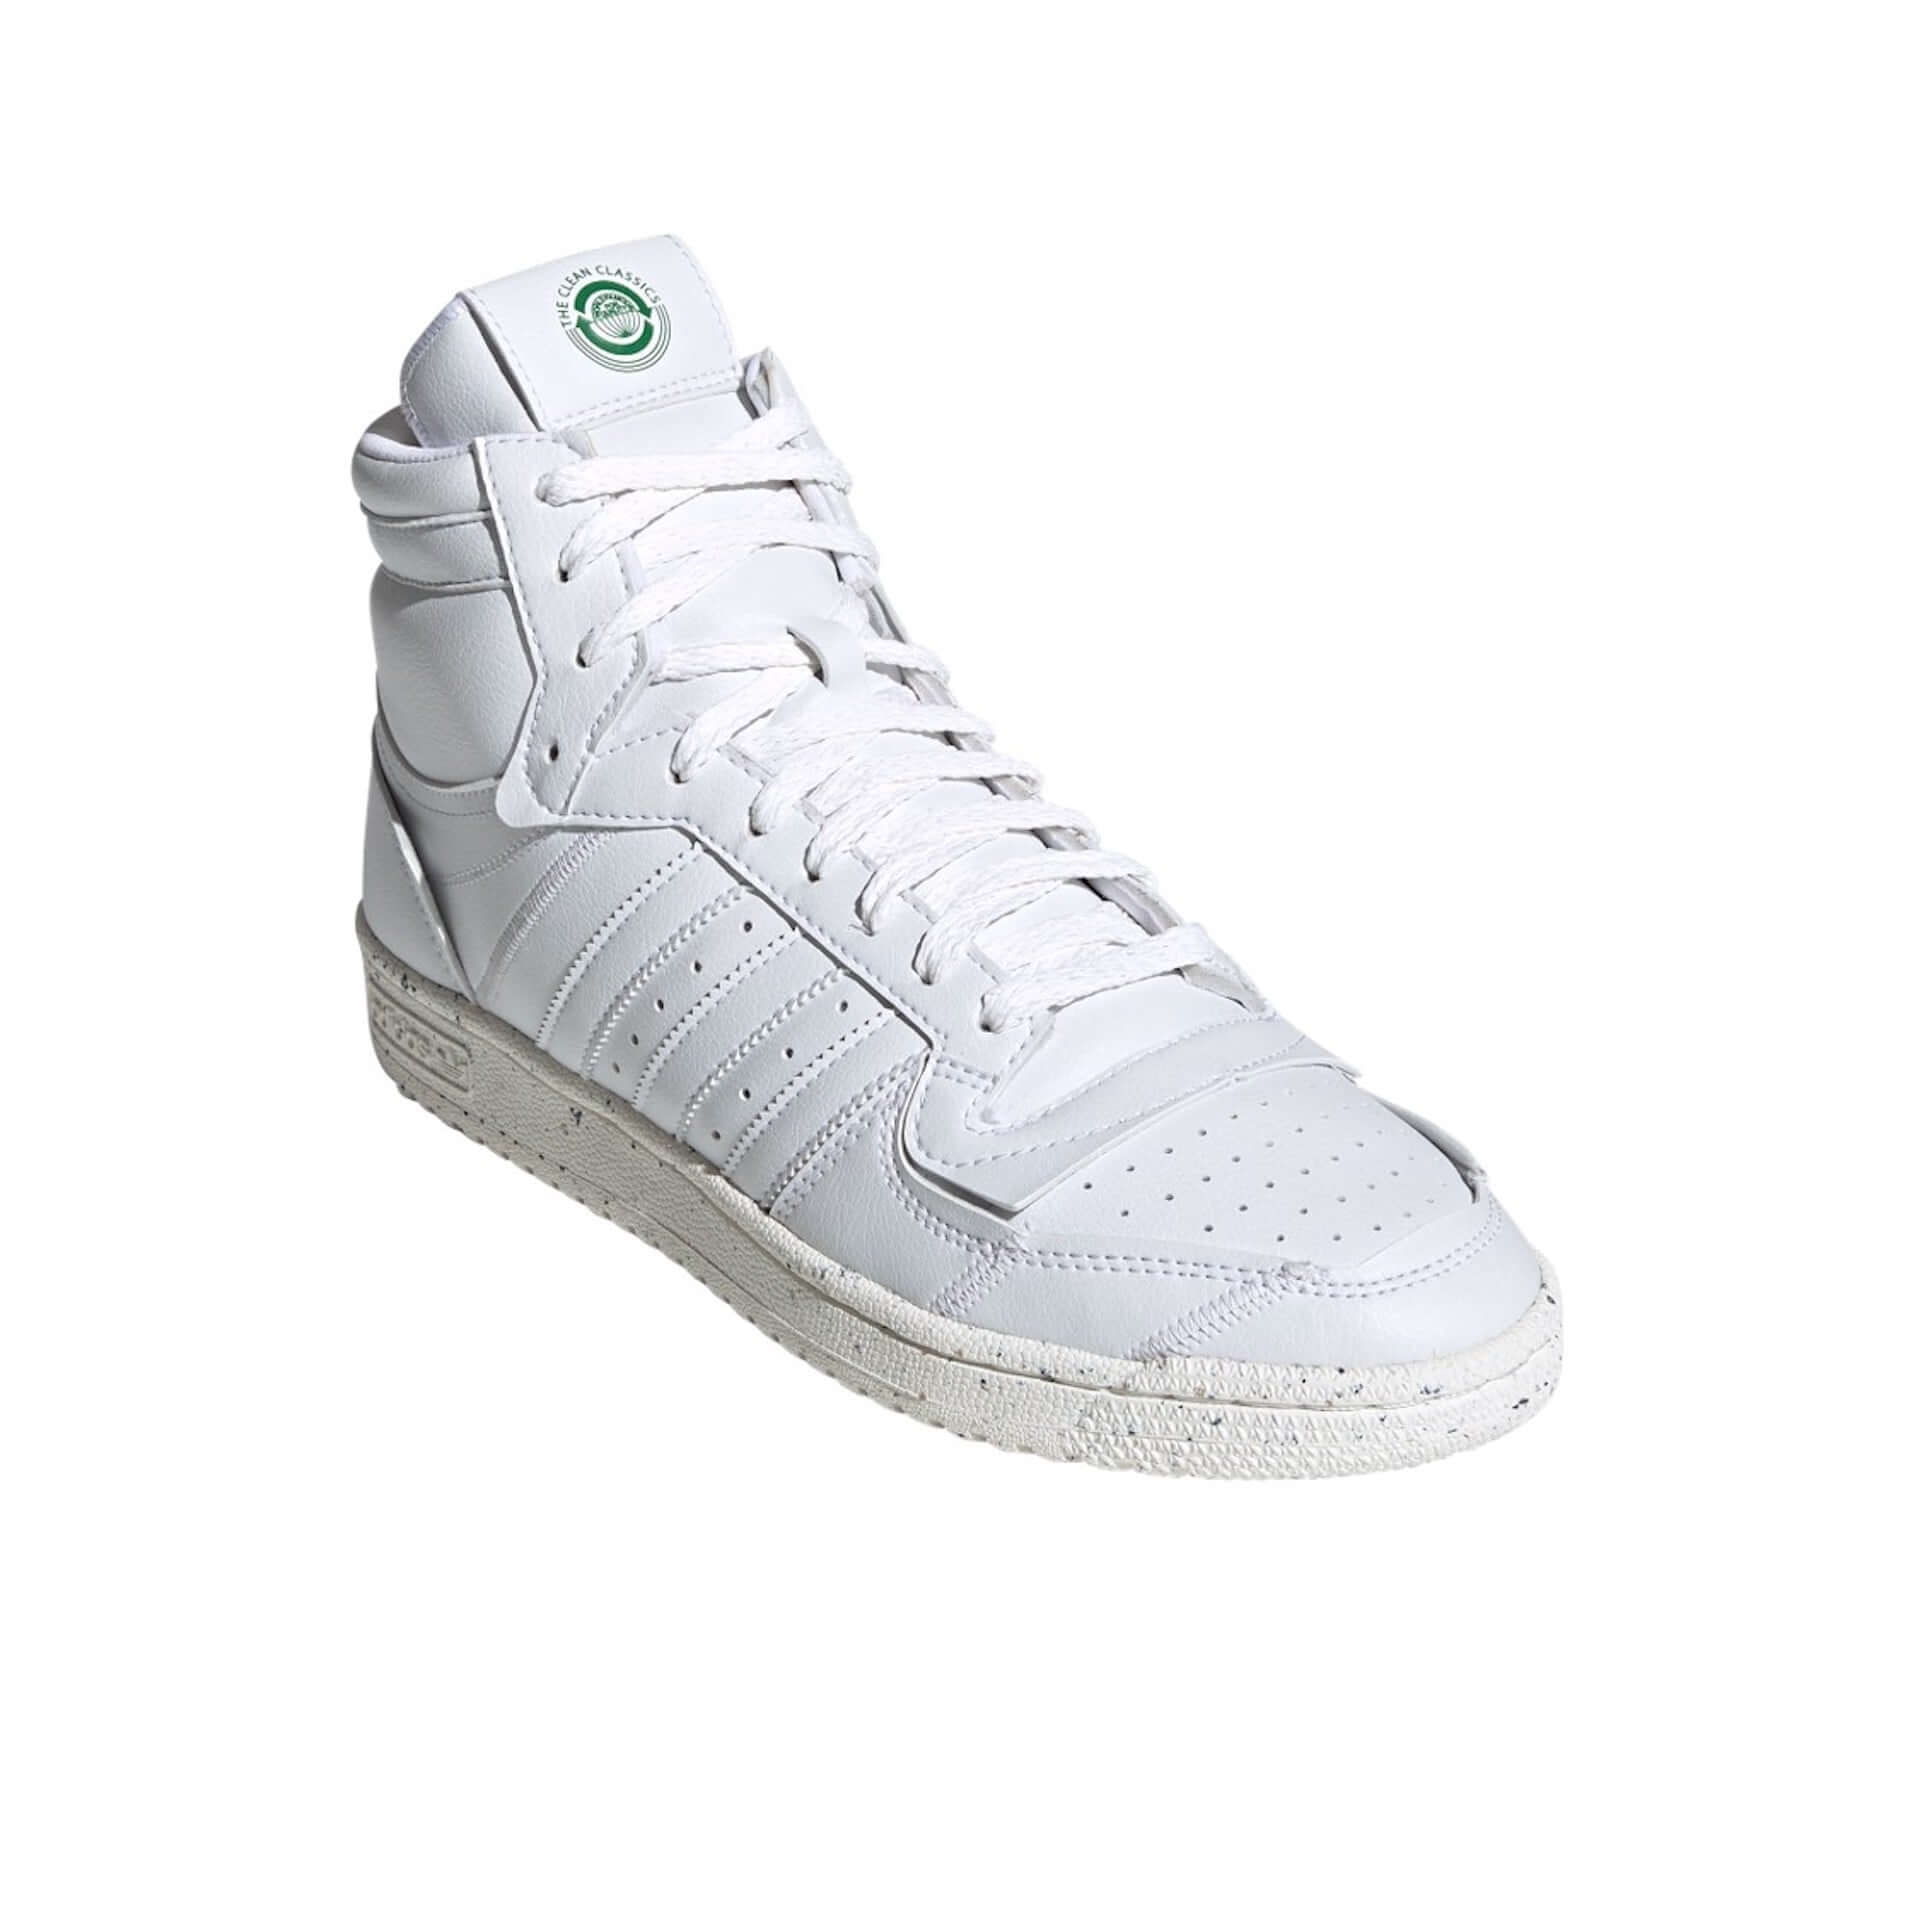 adidas Originalsがサステナブルなフットウェアコレクション「Clean Classics」を発売!名作「SUPERSTAR」「STAN SMITH」も登場 lf200804_adidas-cleanclassics_7-1920x1920